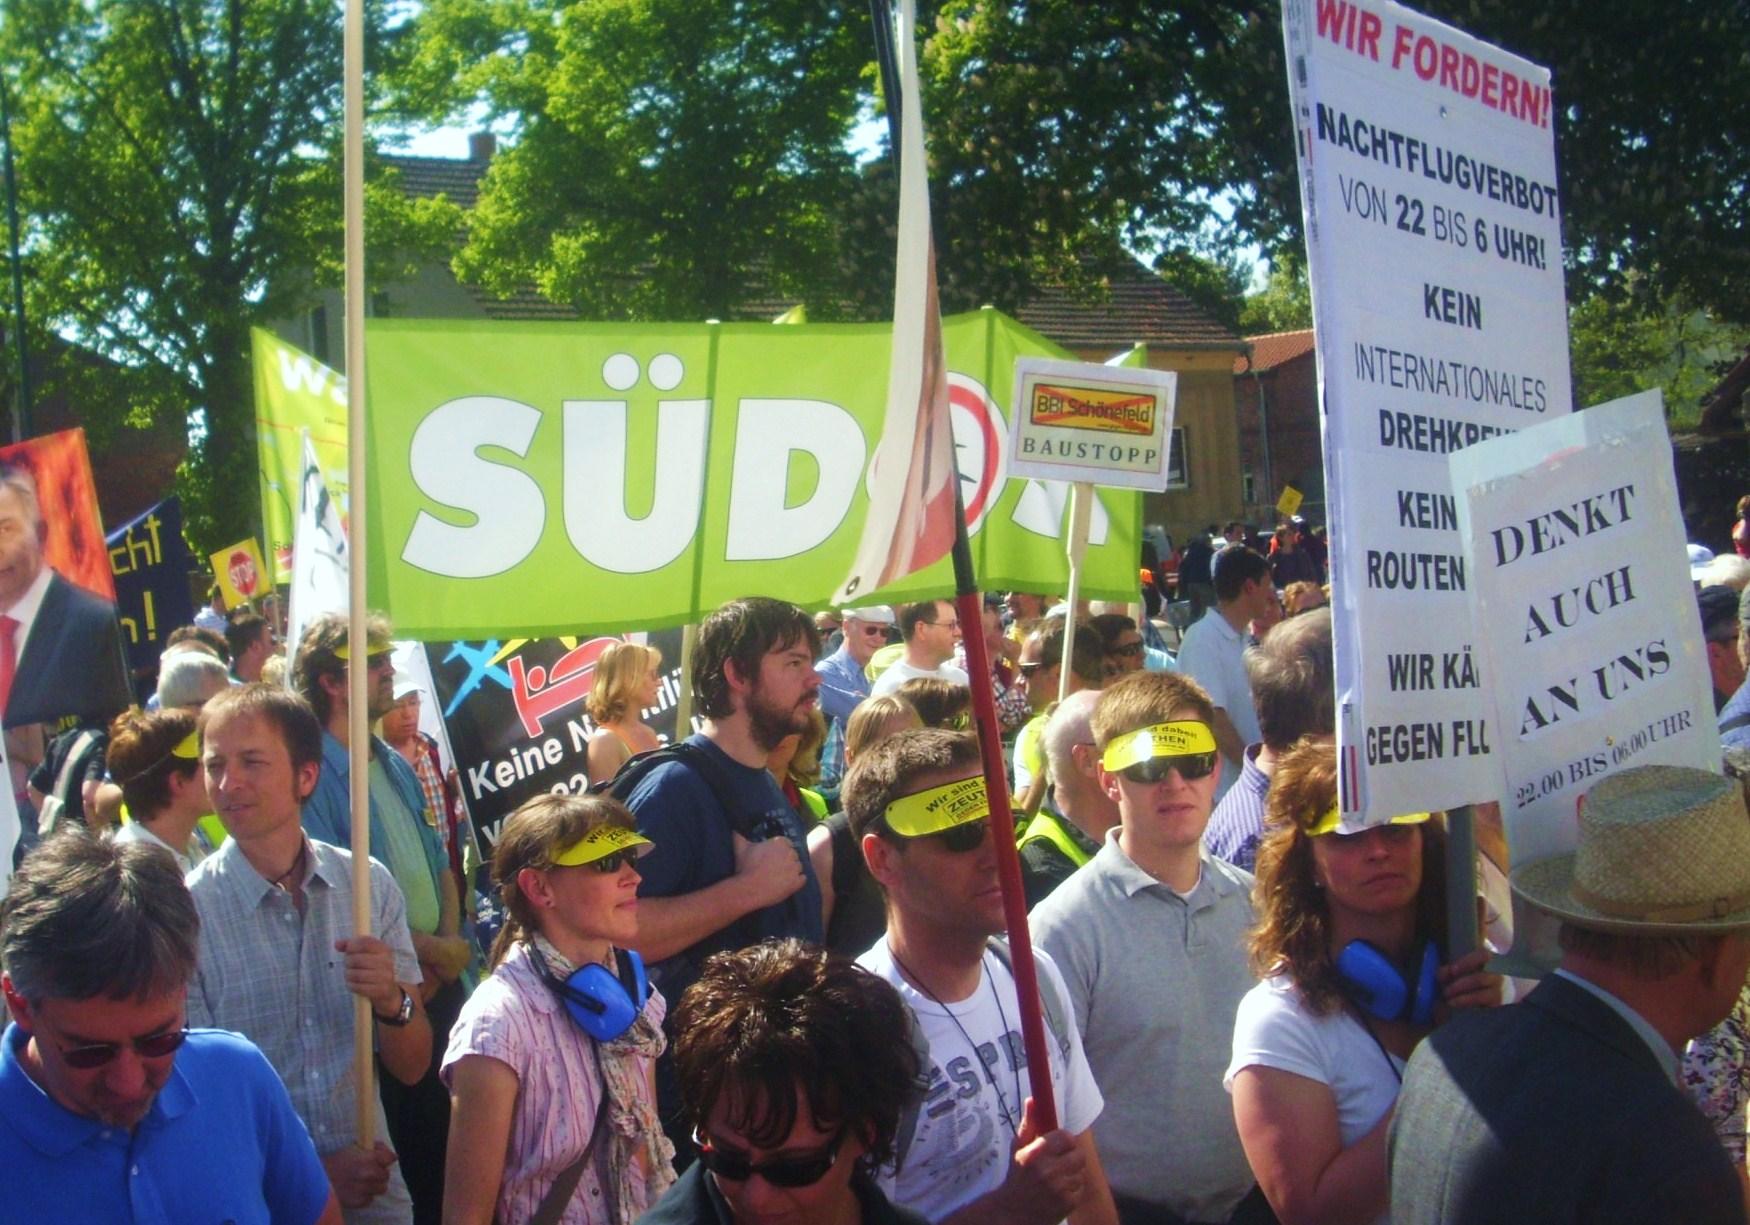 Rund 10.000 Demonstranten protestieren gegen Fluglärm (Foto:Florian Hälsig)